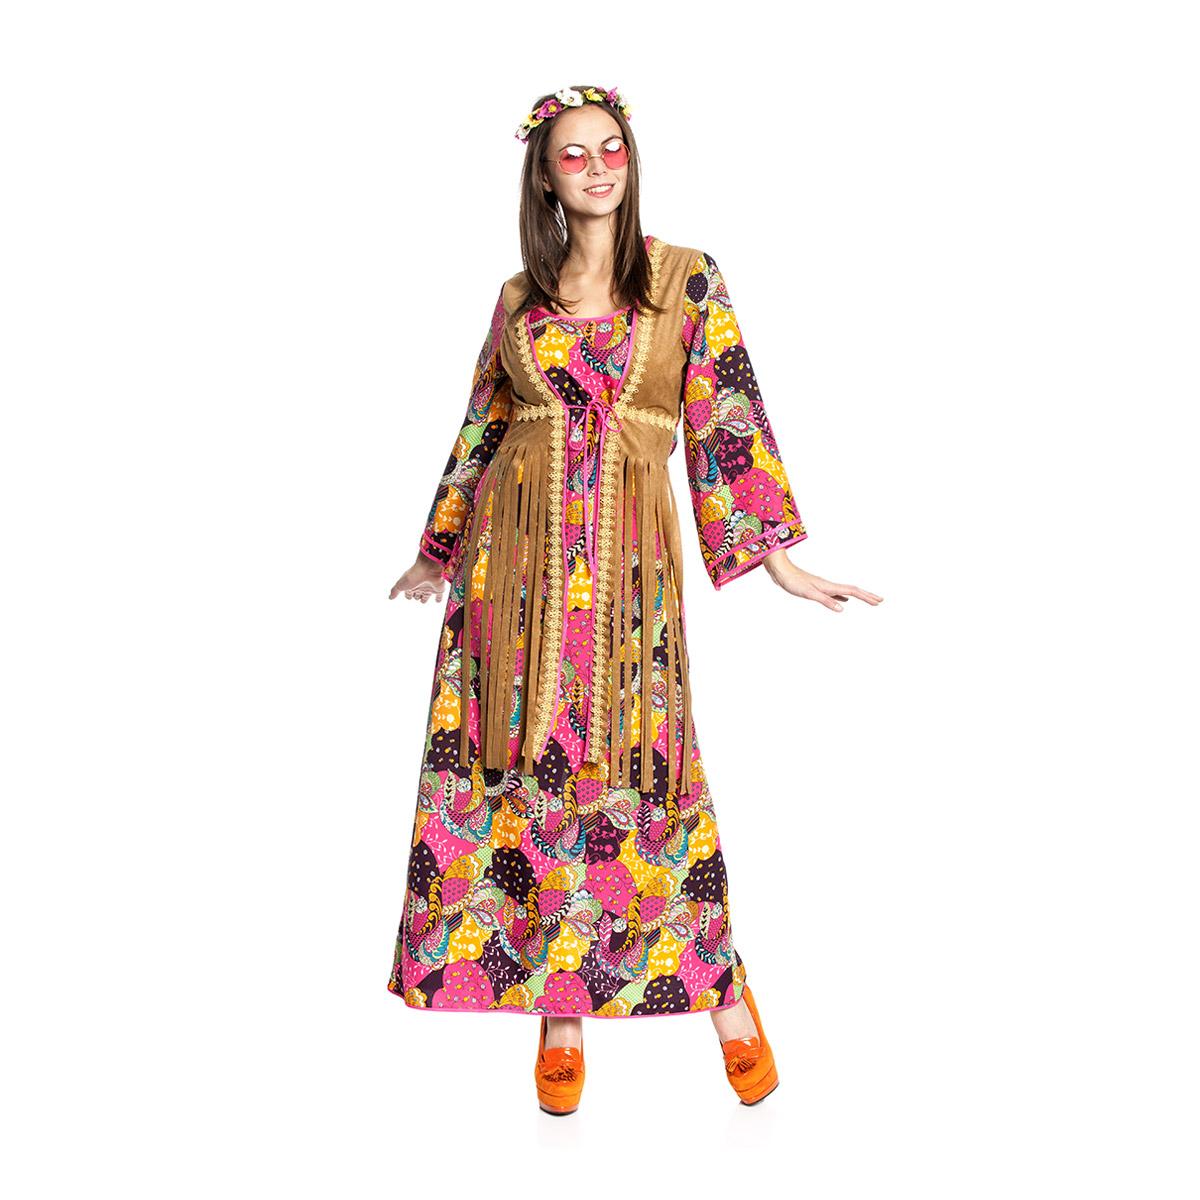 Coole hippie kleider